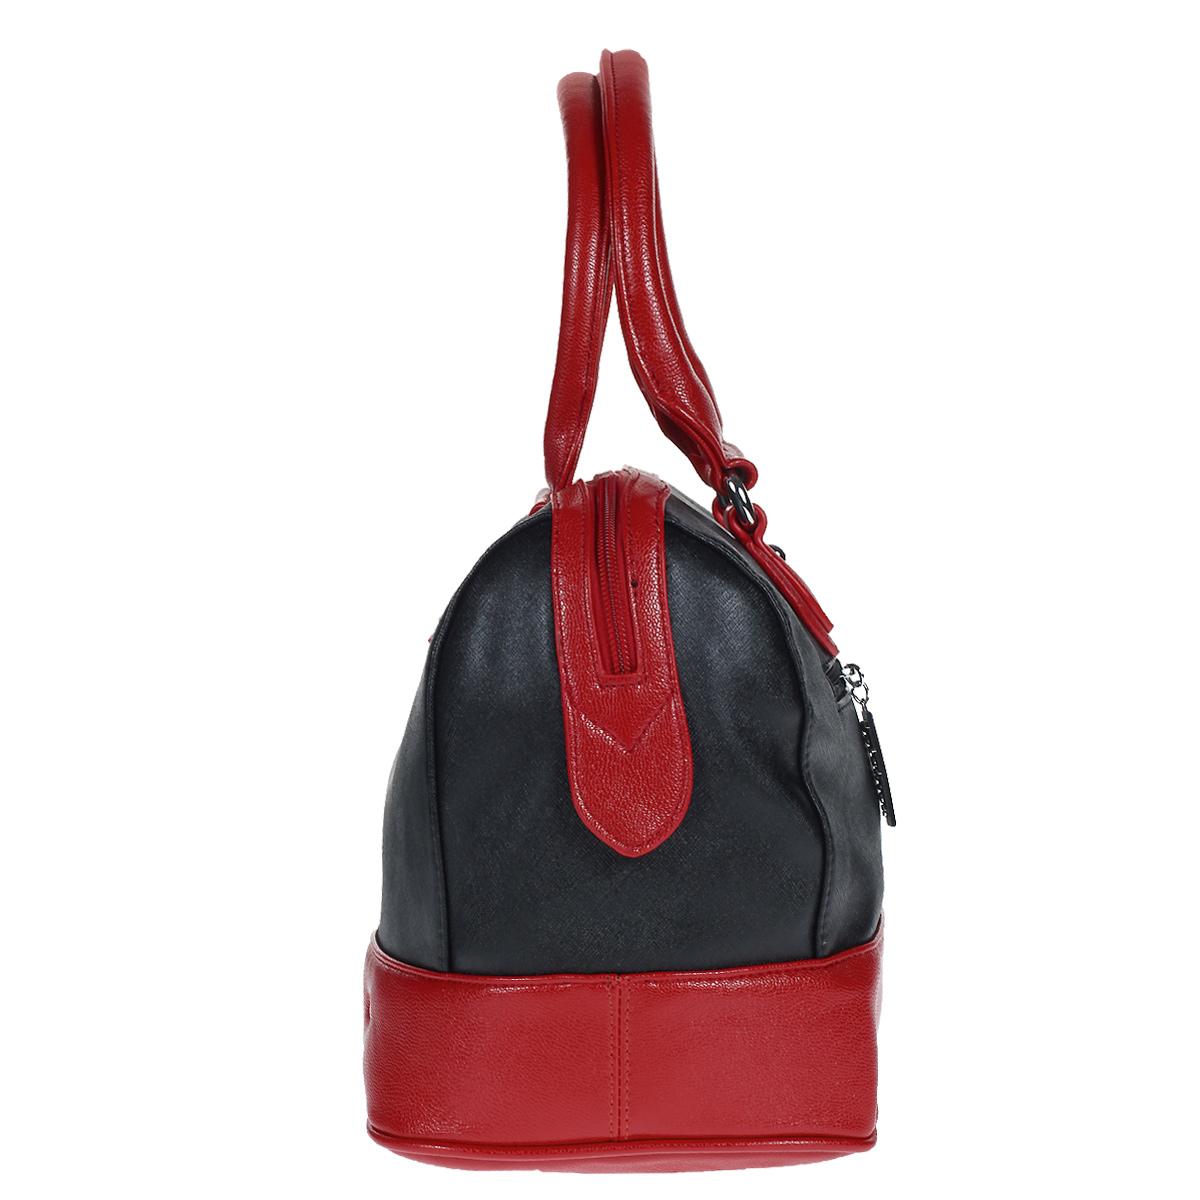 Сумка женская Leighton, цвет: черный, красный. 61044-3769/1 ( 61044-3769/1/339 )